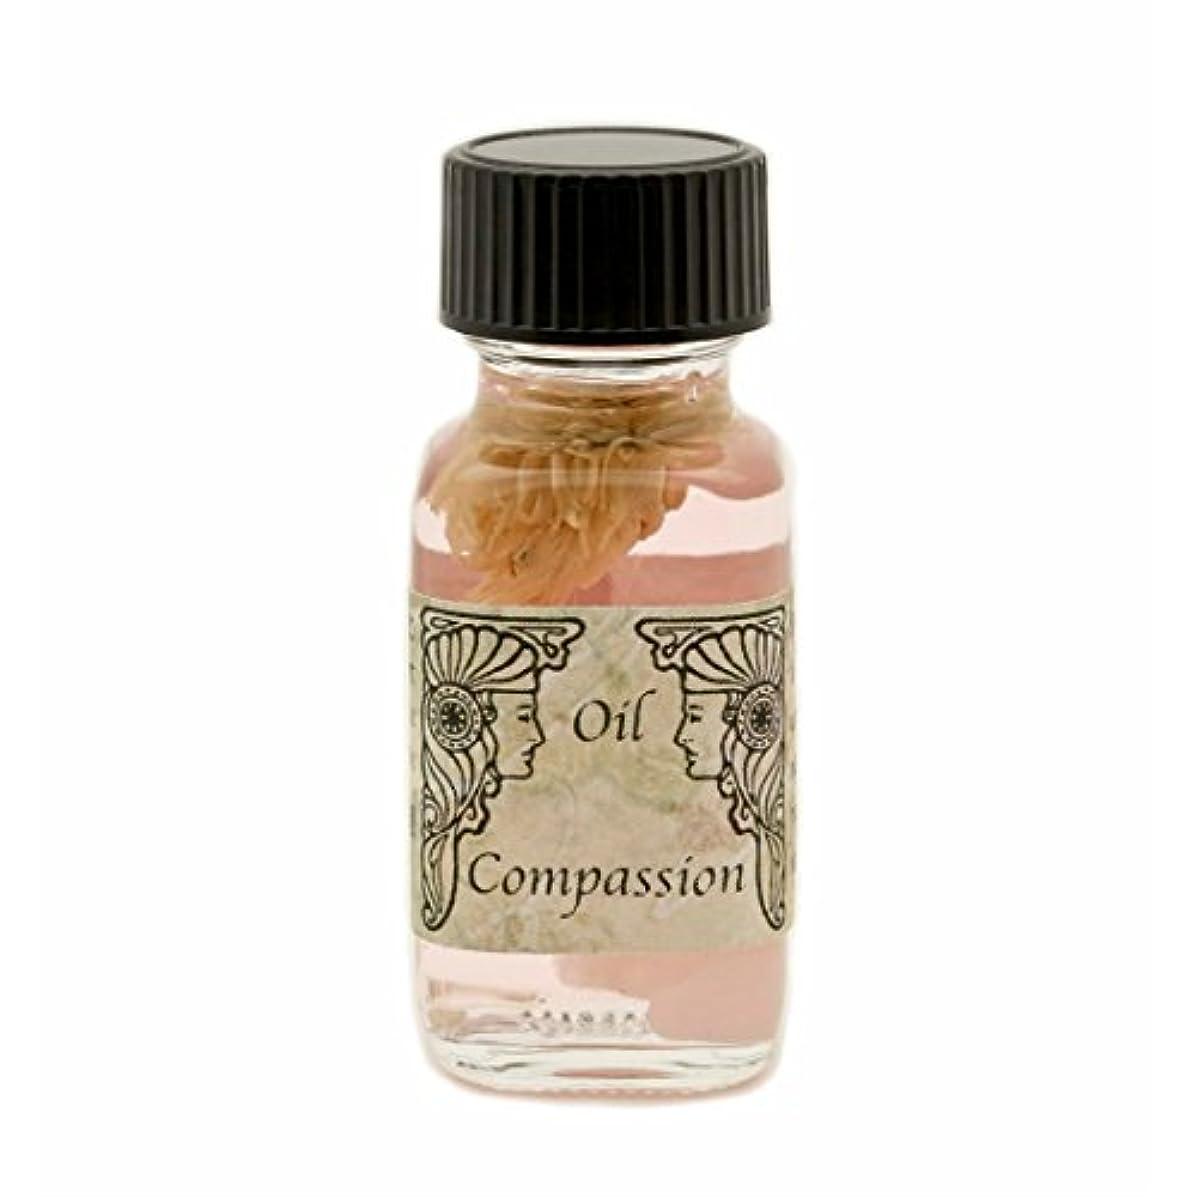 アンシェントメモリーオイル コンパッション Compassion 思いやり 2017年新作 (Ancient Memory Oils)